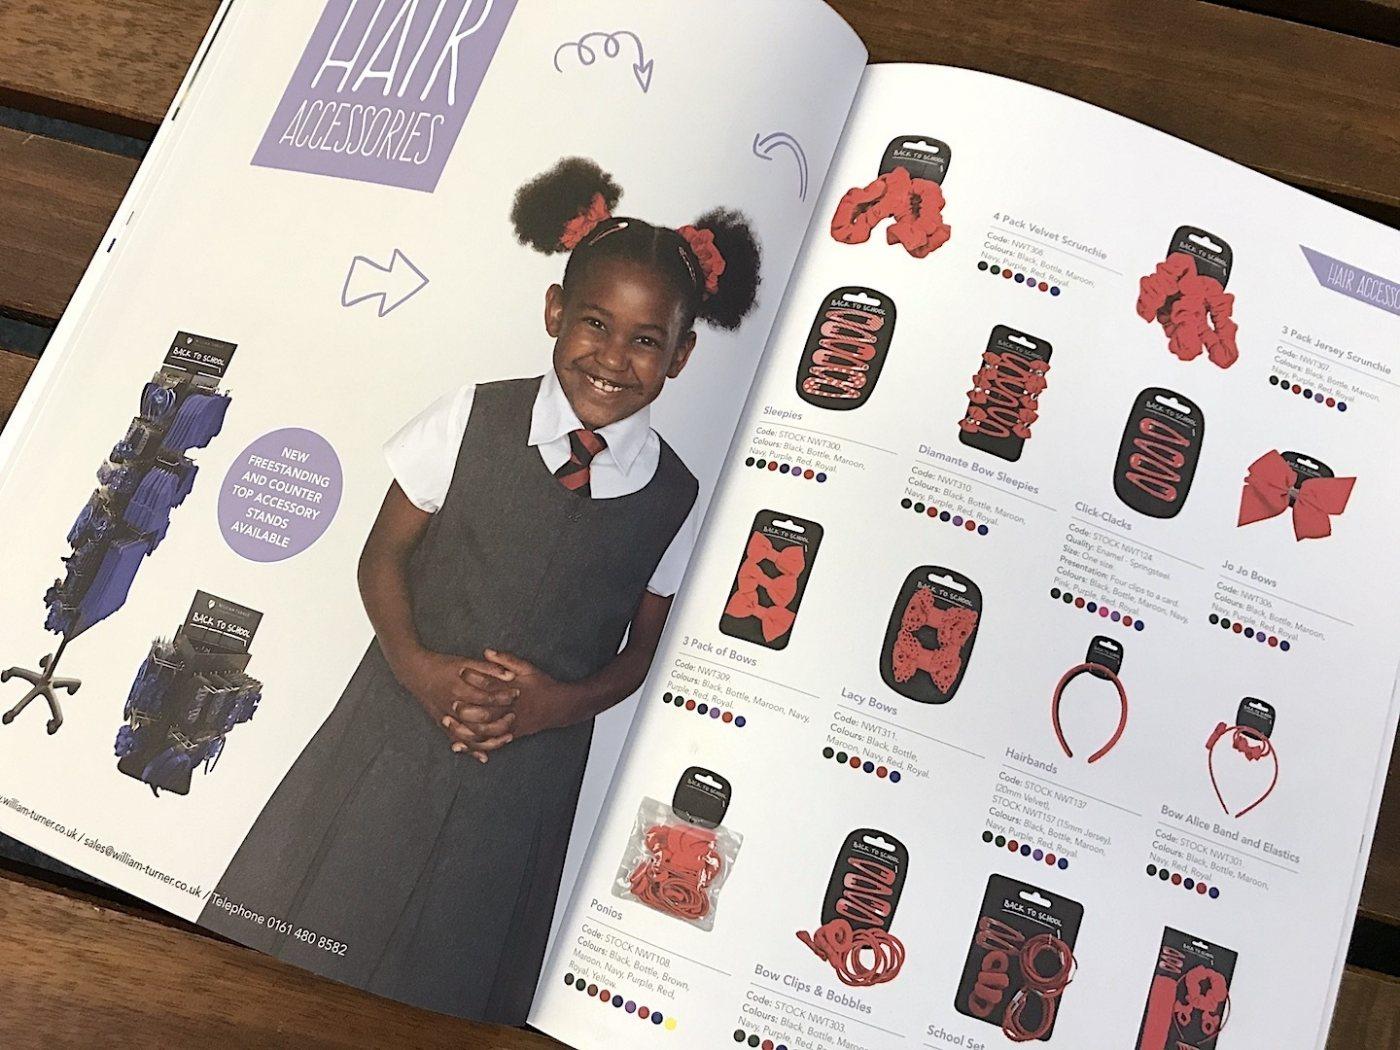 William Turner brochure design